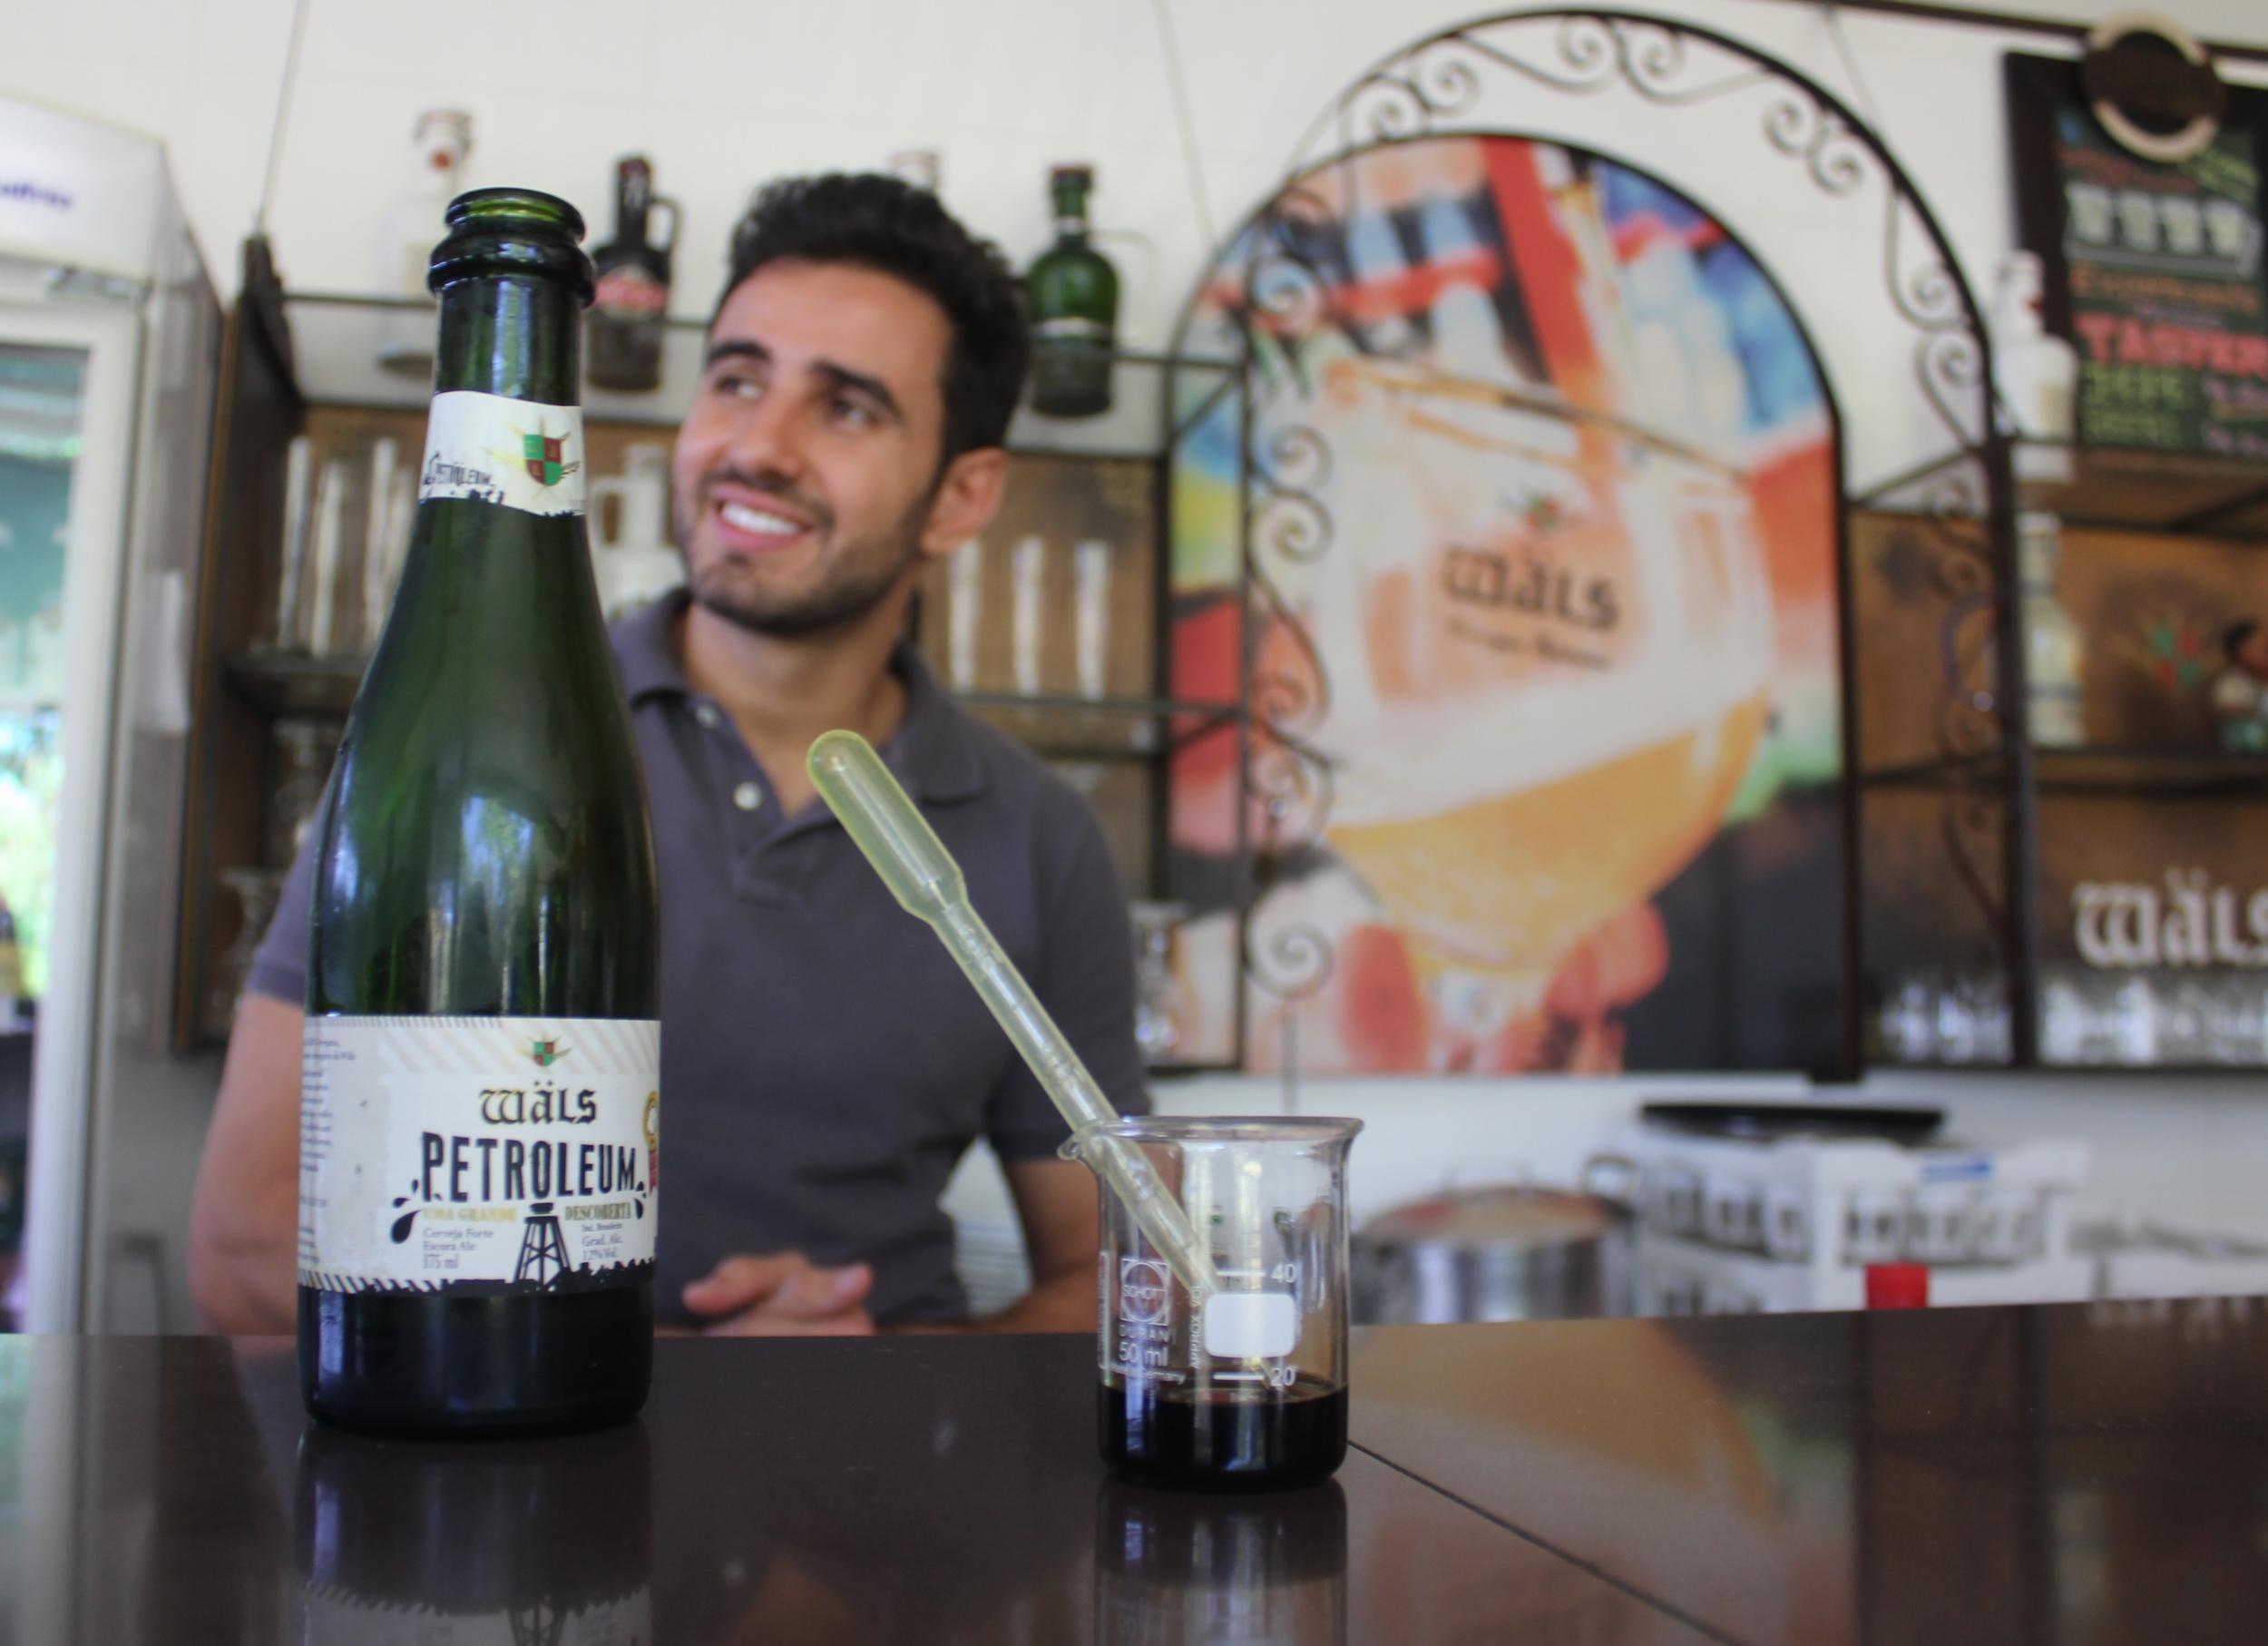 José Felipe Carneiro, atrás de uma das atrações da cervejaria, a Wals Petroleum (Foto: Priscilla Colares)